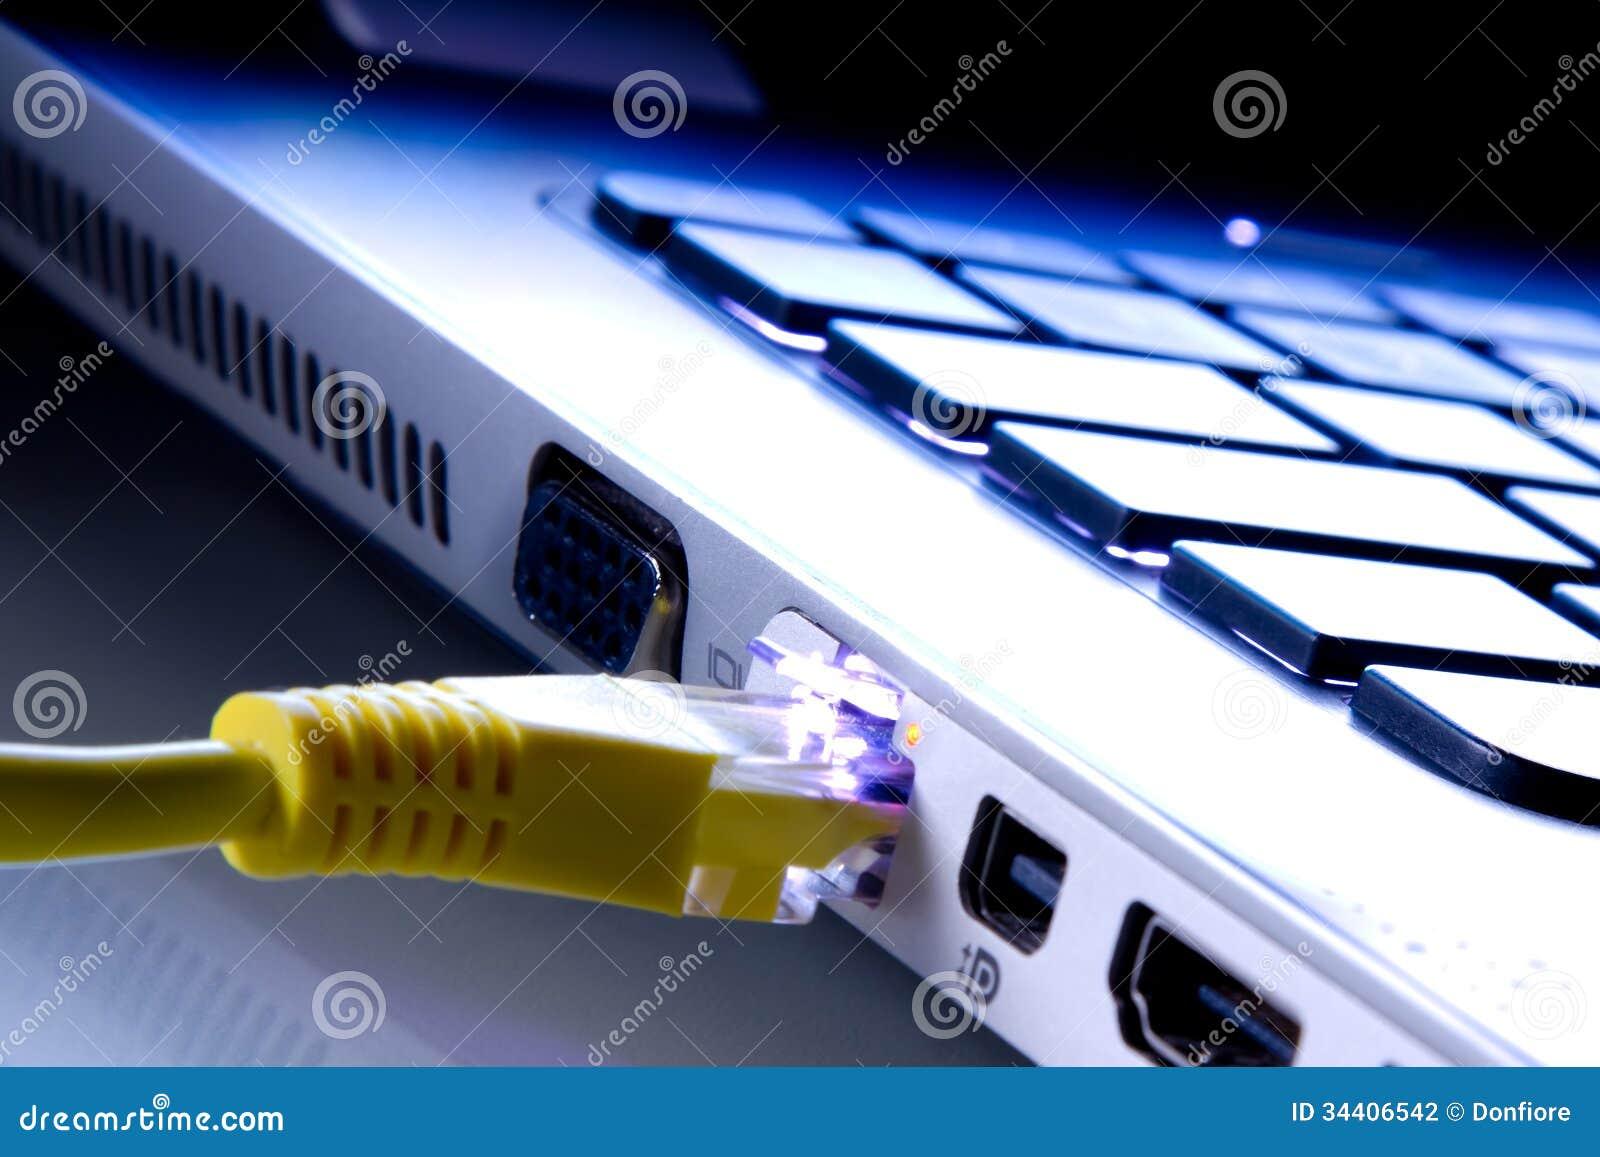 Netzkabel schloss den Laptop an